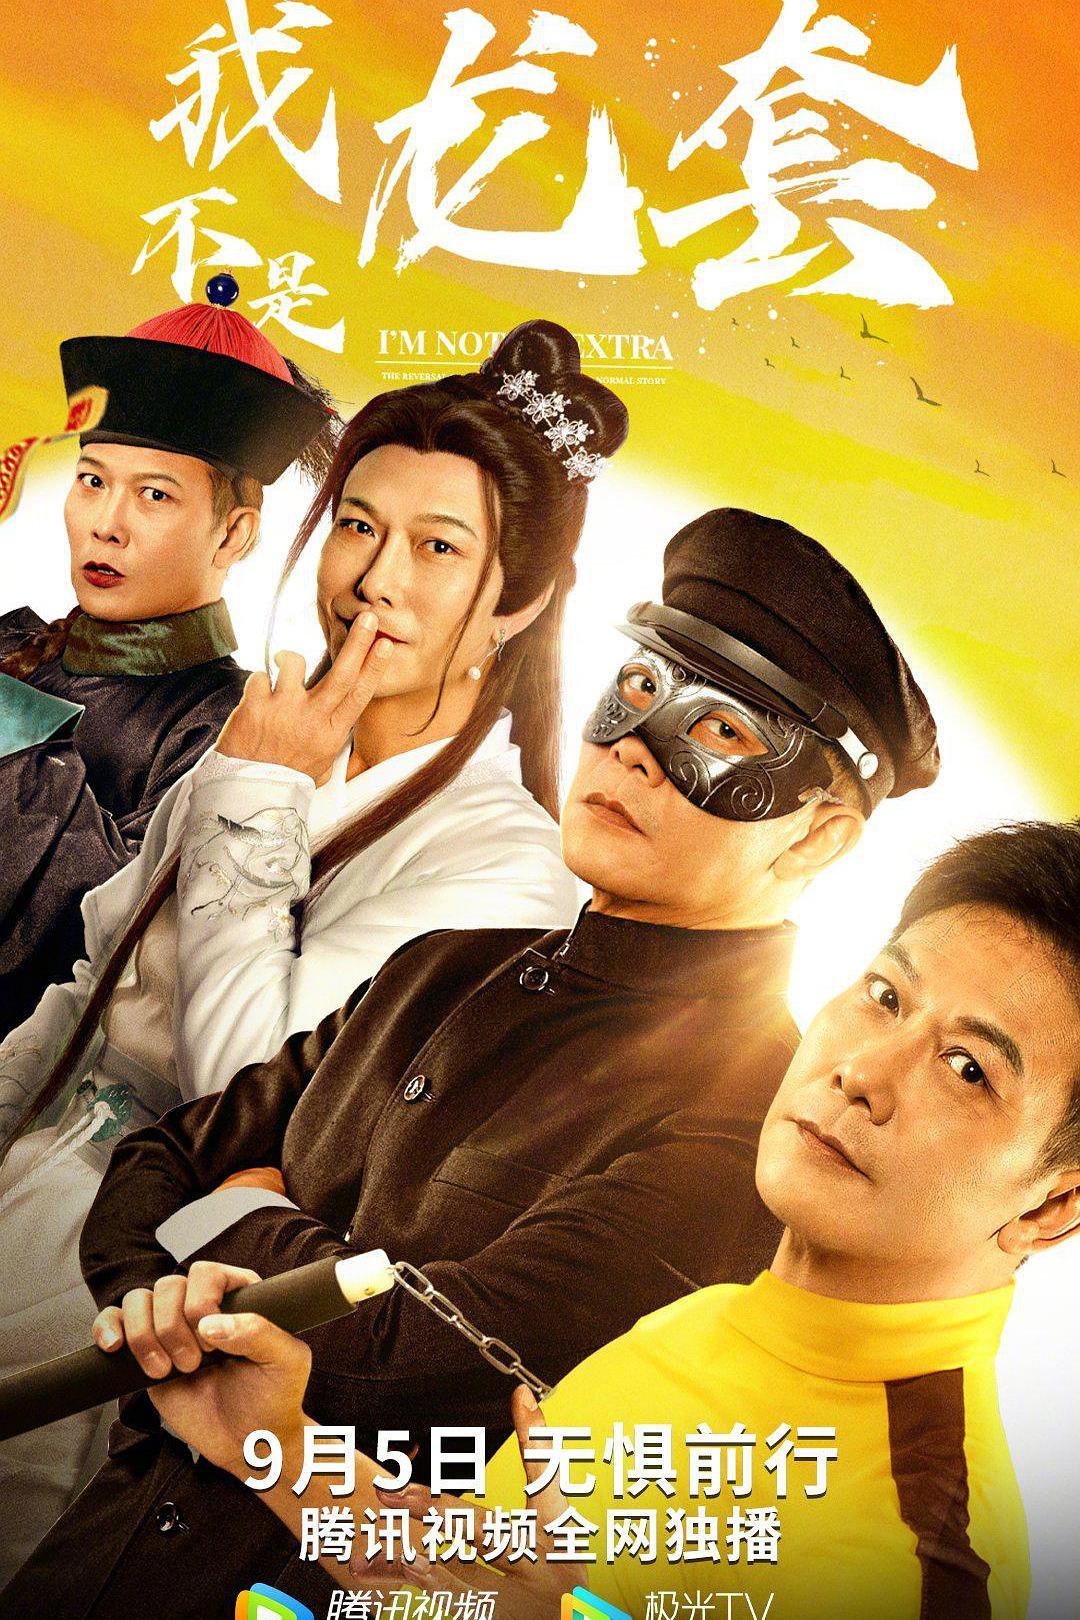 悠悠MP4_MP4电影下载_[我不是龙套][WEB-MP4/1.46GB][国语配音/中文字幕][1080P][动作,钱小豪,剧情,大陆,中国,网大,电影]